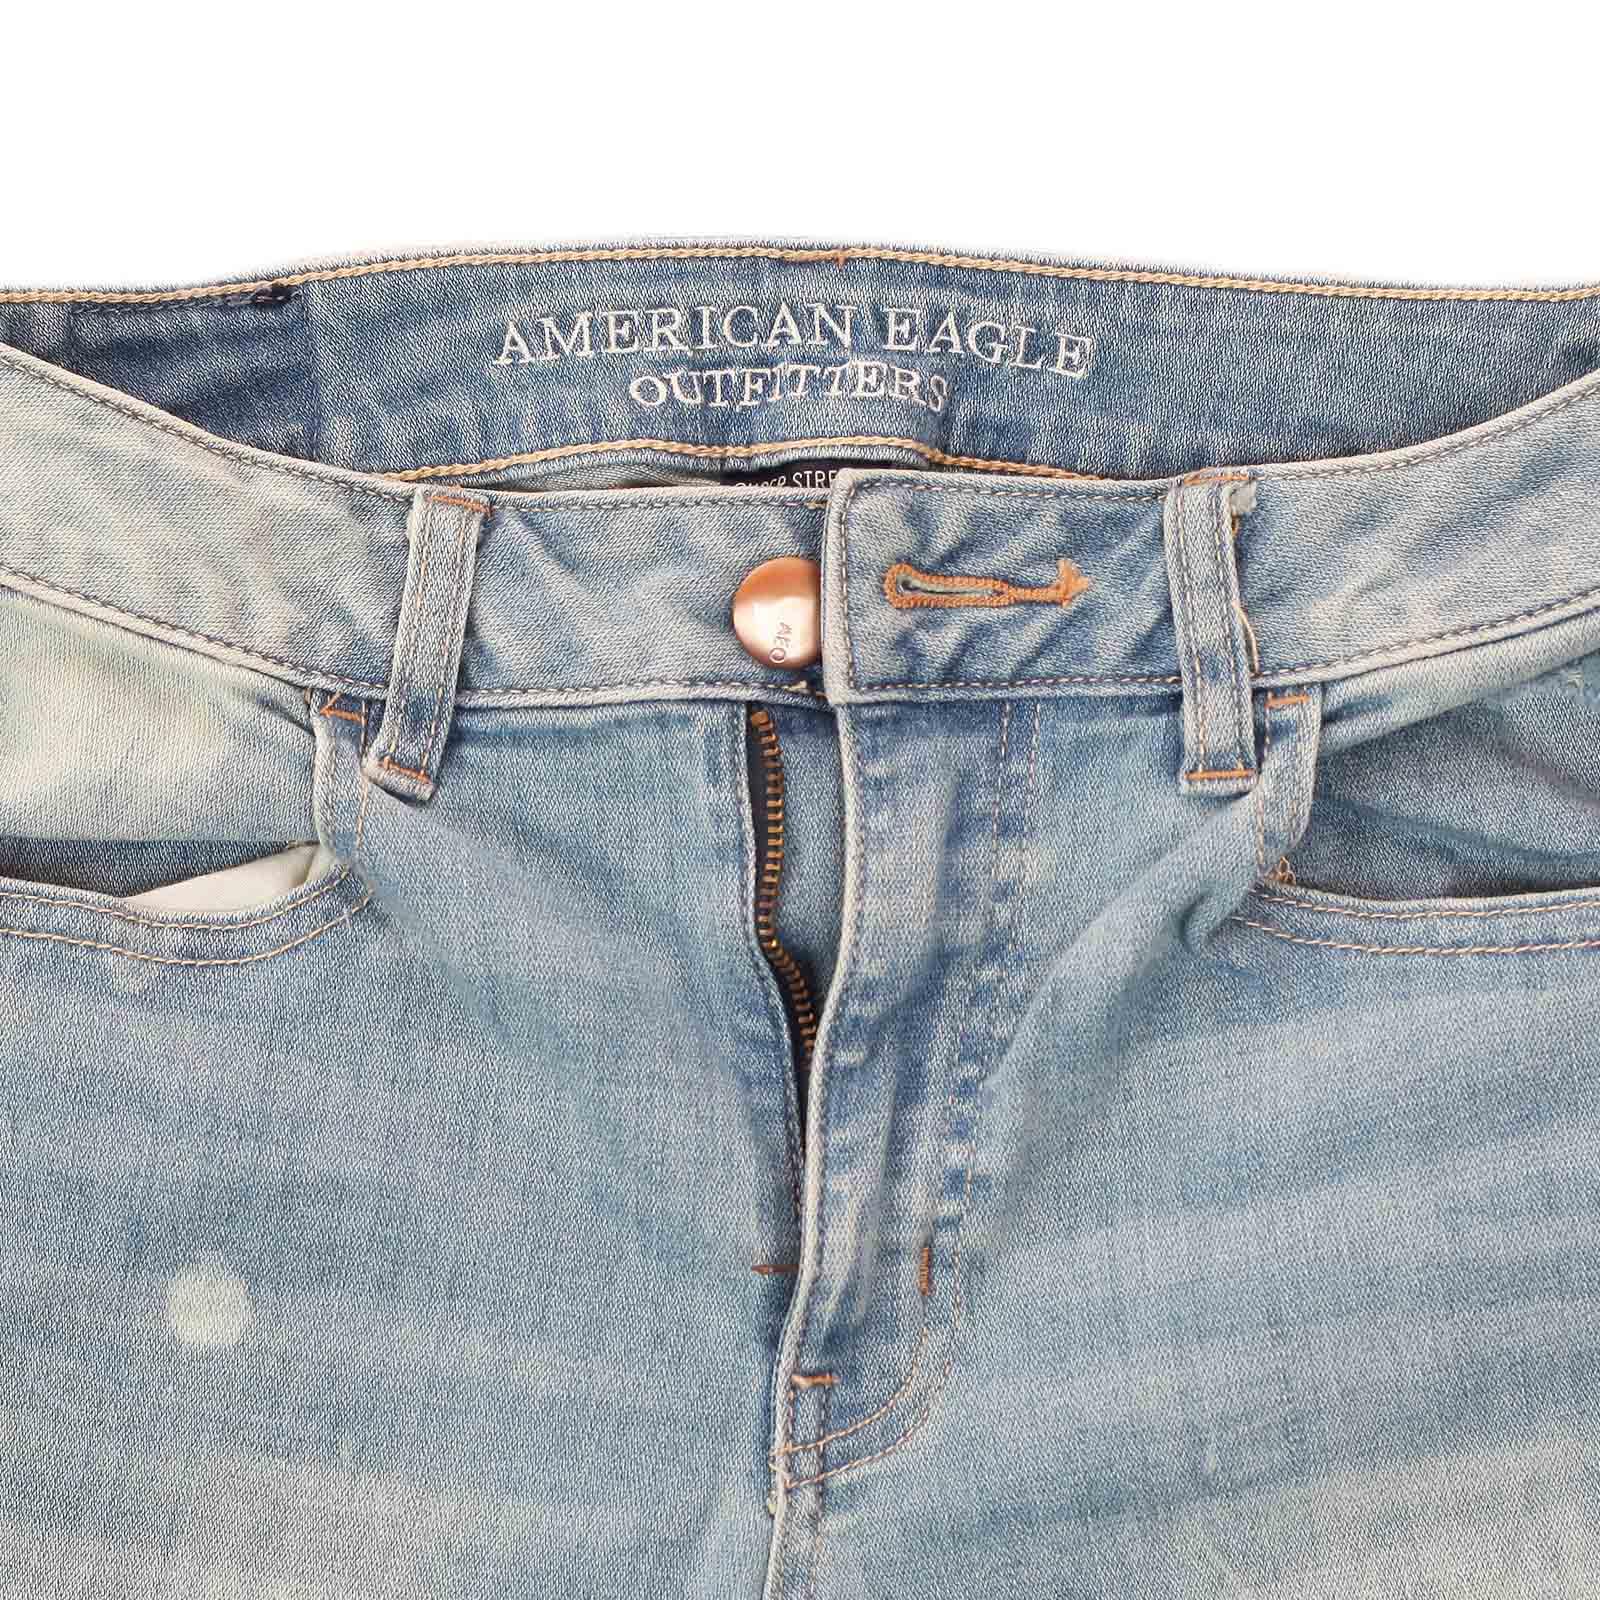 Сексапильные котоновые шортики American Eagle. Изящные отвороты, дерзкие потёртости и самый летний цвет! Хватит быть похожей на остальных!